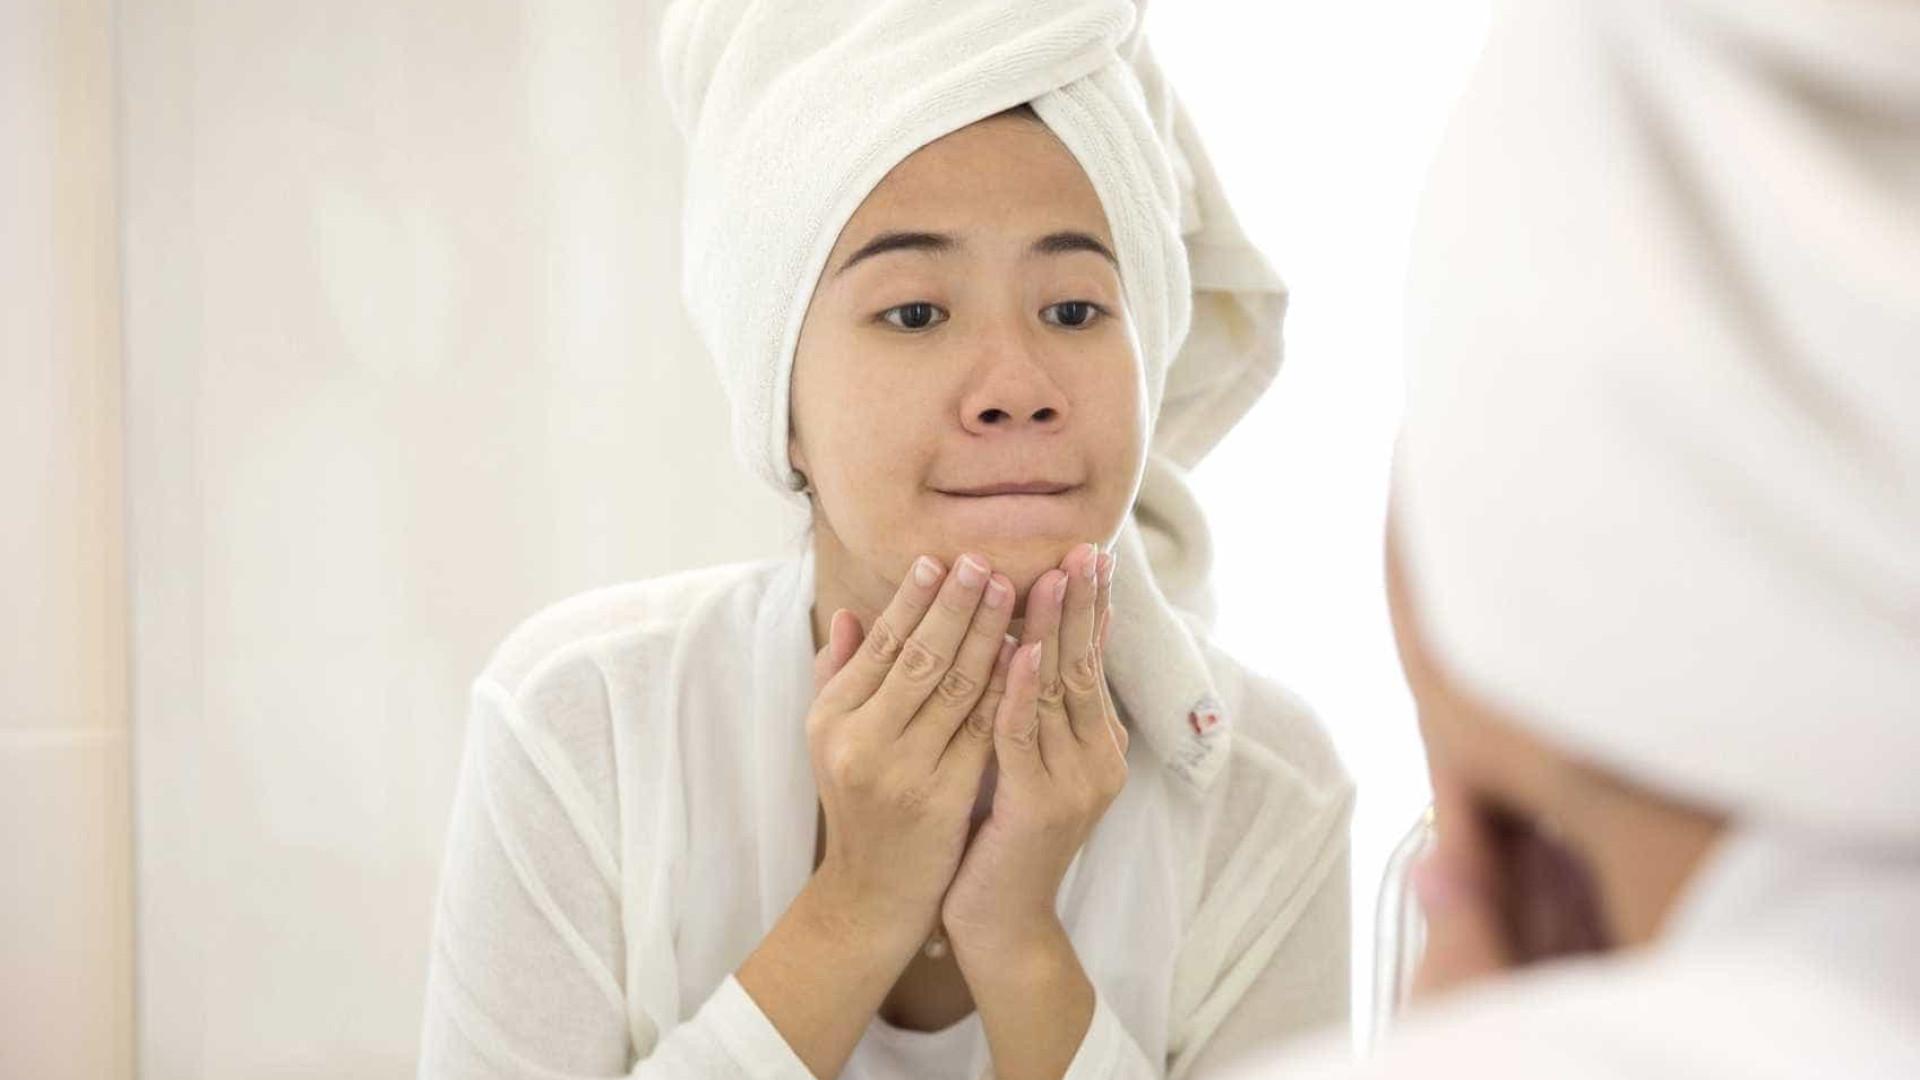 10 coisas que você nunca deve fazer a sua pele, segundo dermatologistas